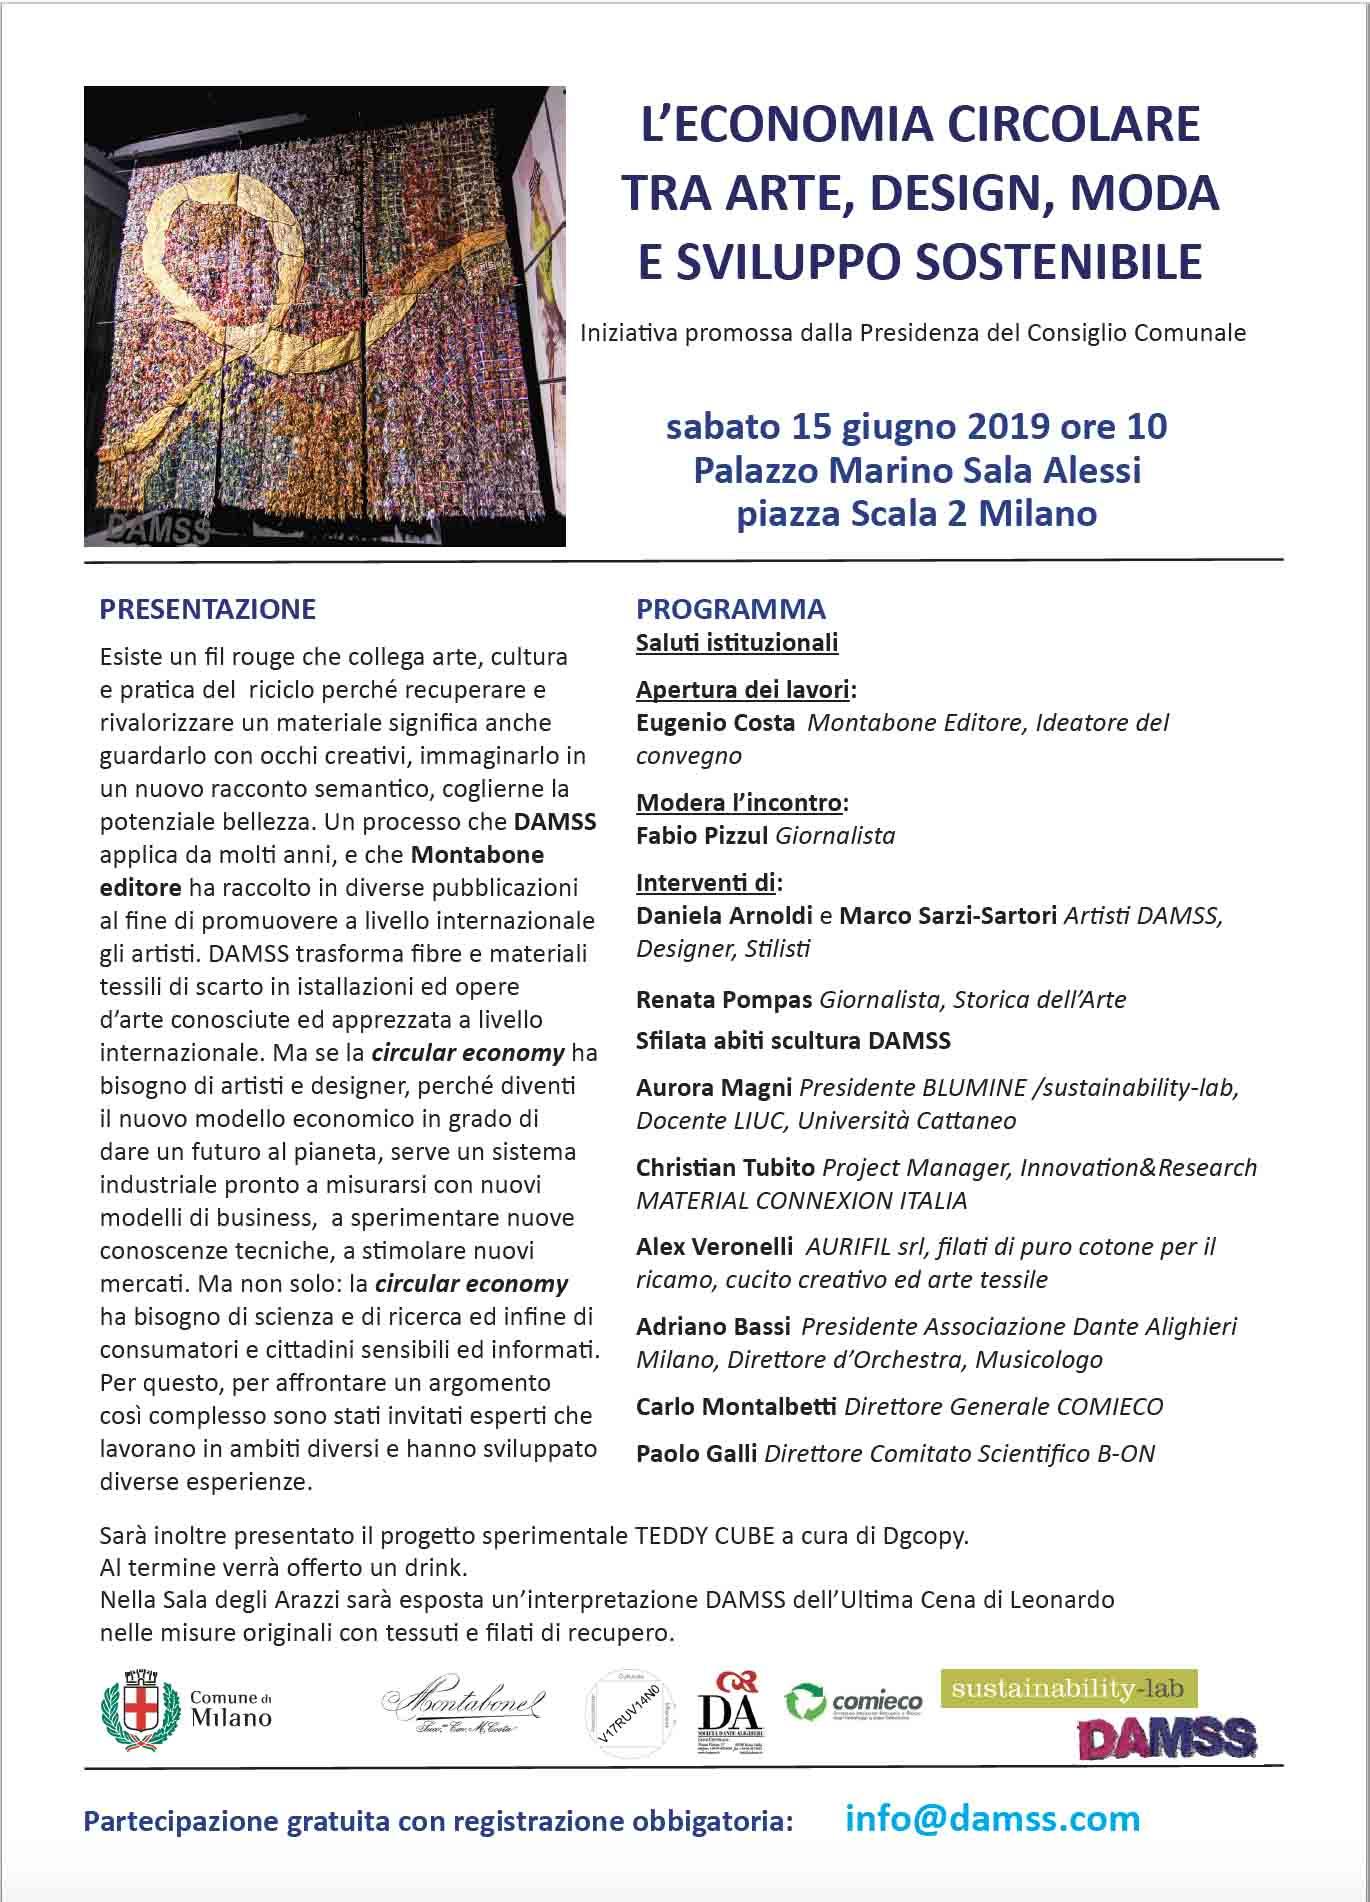 aurifil t'invita a Milano a un workshop sulla sostenibilità e sul riuso creativo nel settore della moda e del design